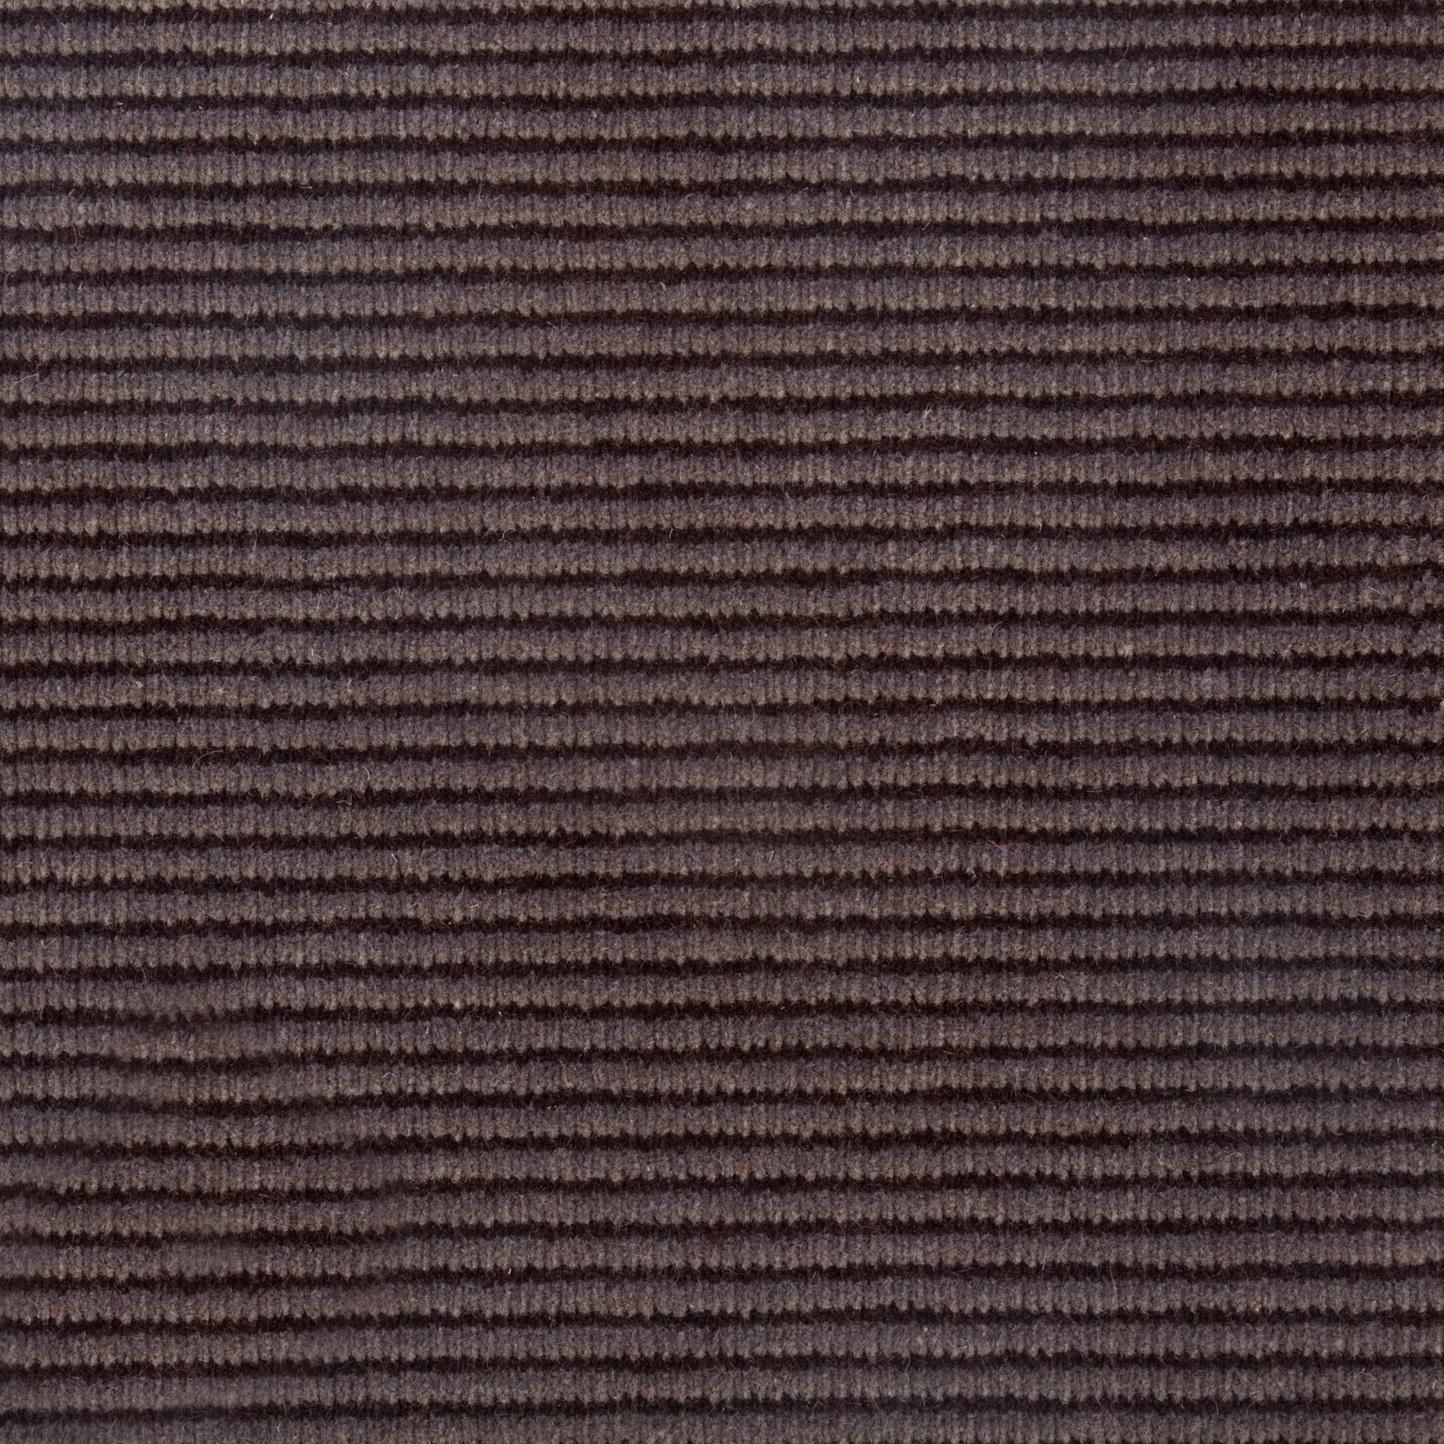 Moquette Stripes 4024 1M1N